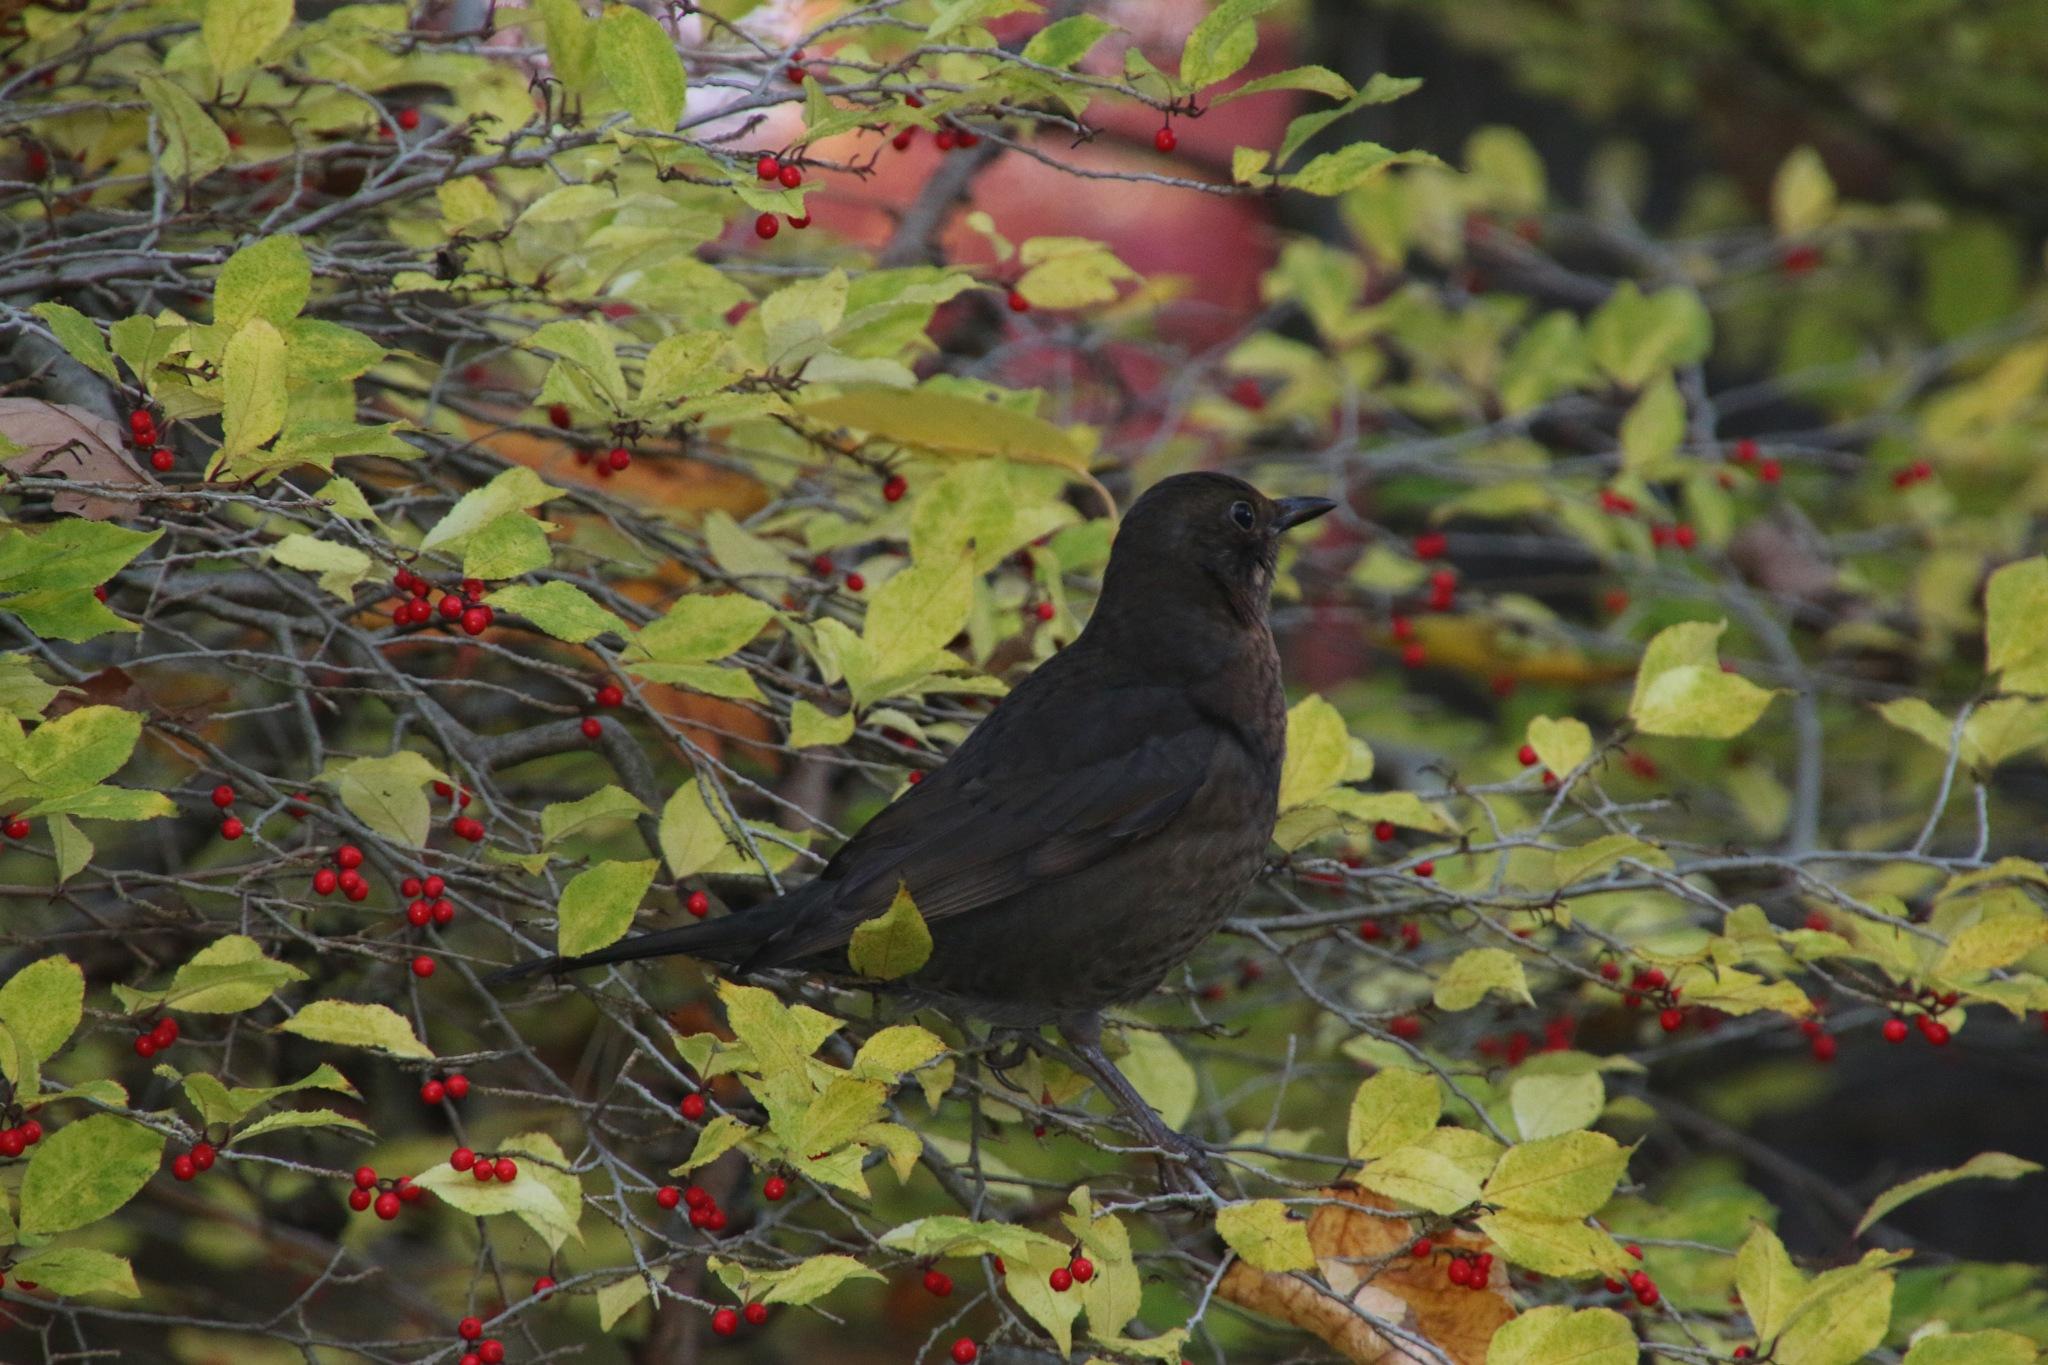 Blackbird by Mikael Ekström